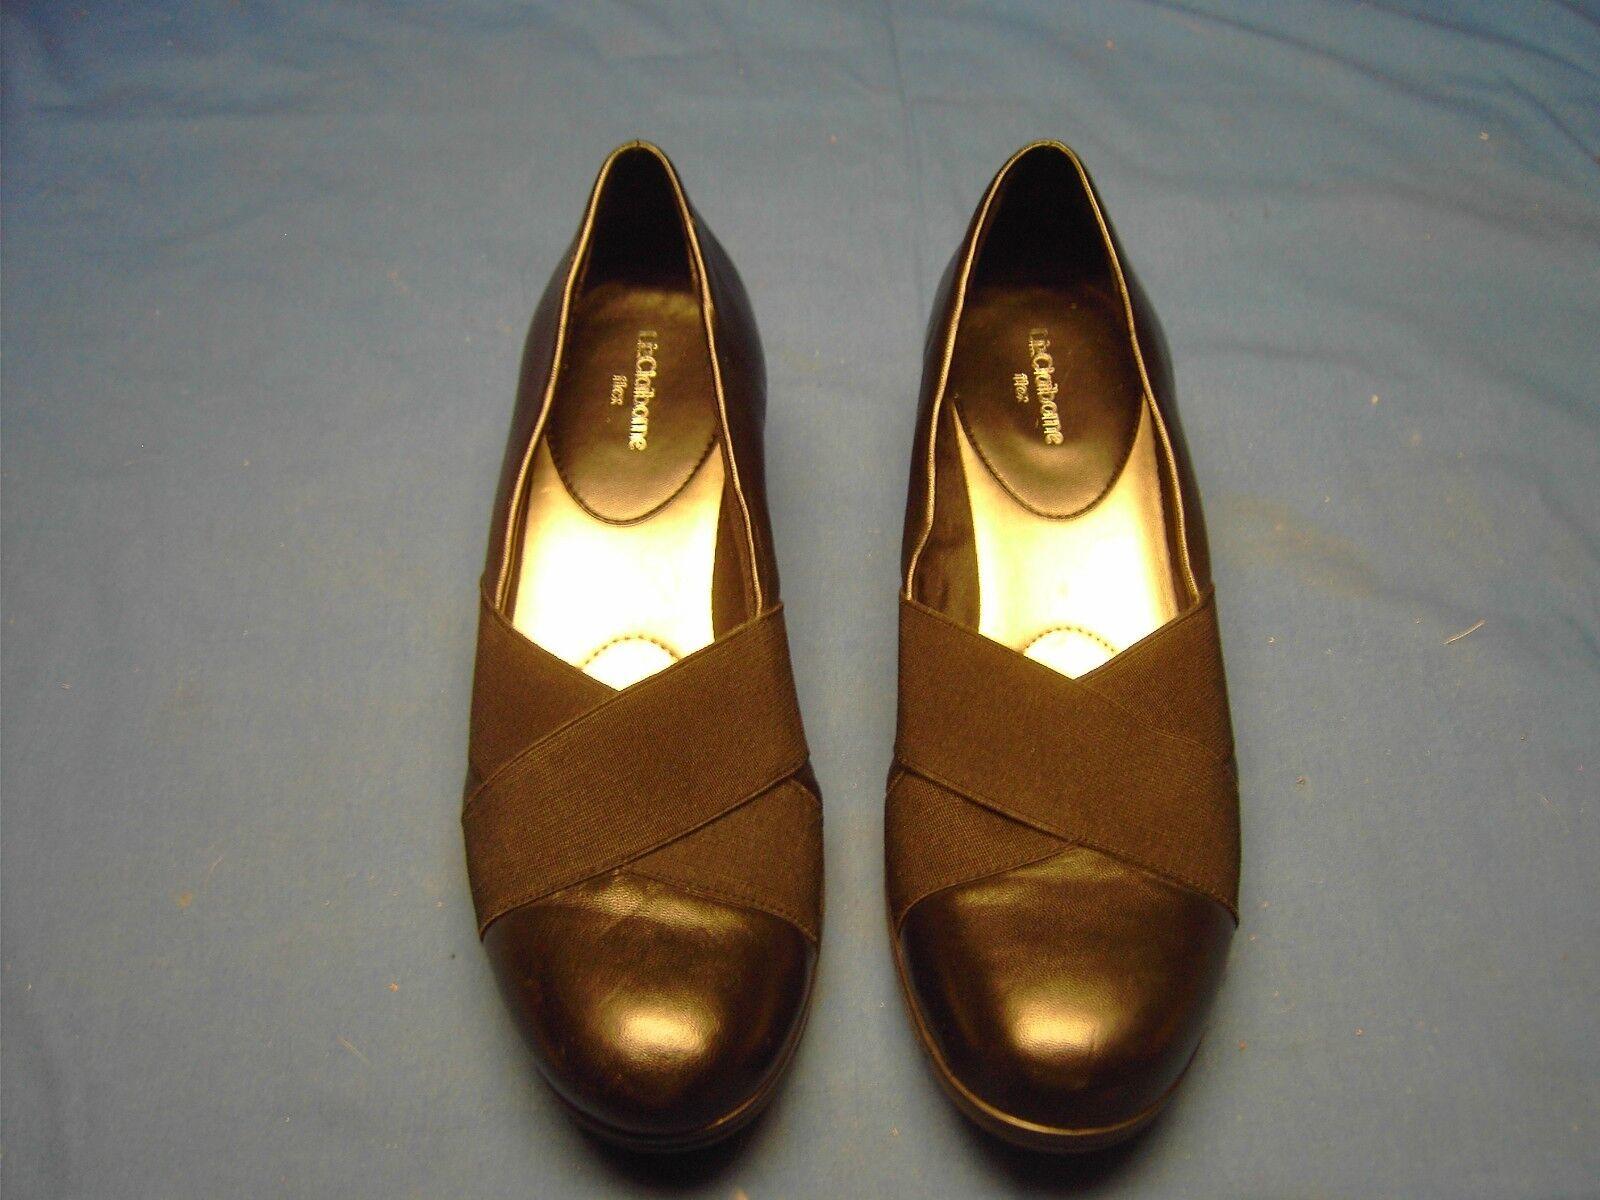 Liz Upper Claiborne SIMONE Leather Upper Liz Ladies Shoes Size 8M f0d236